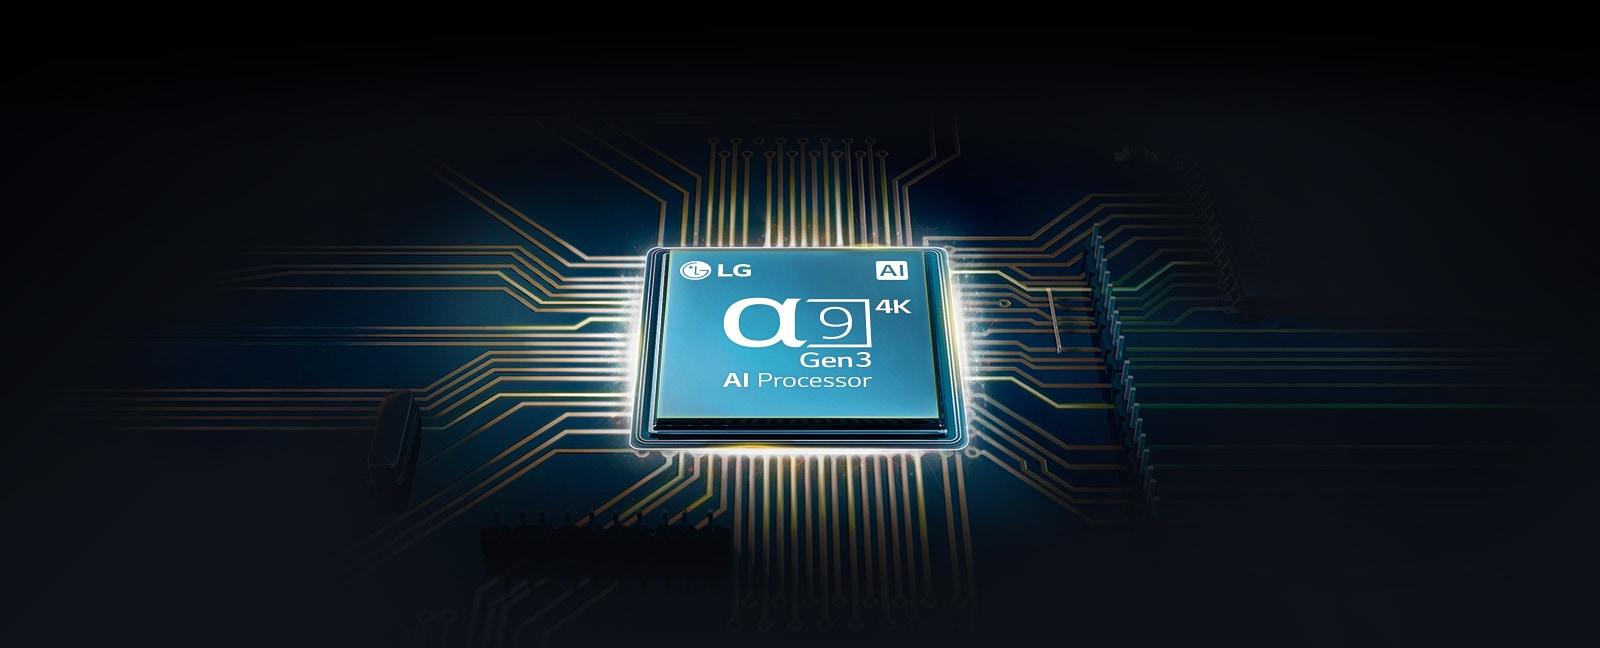 LG OLED55CXPTA a9 gen processor